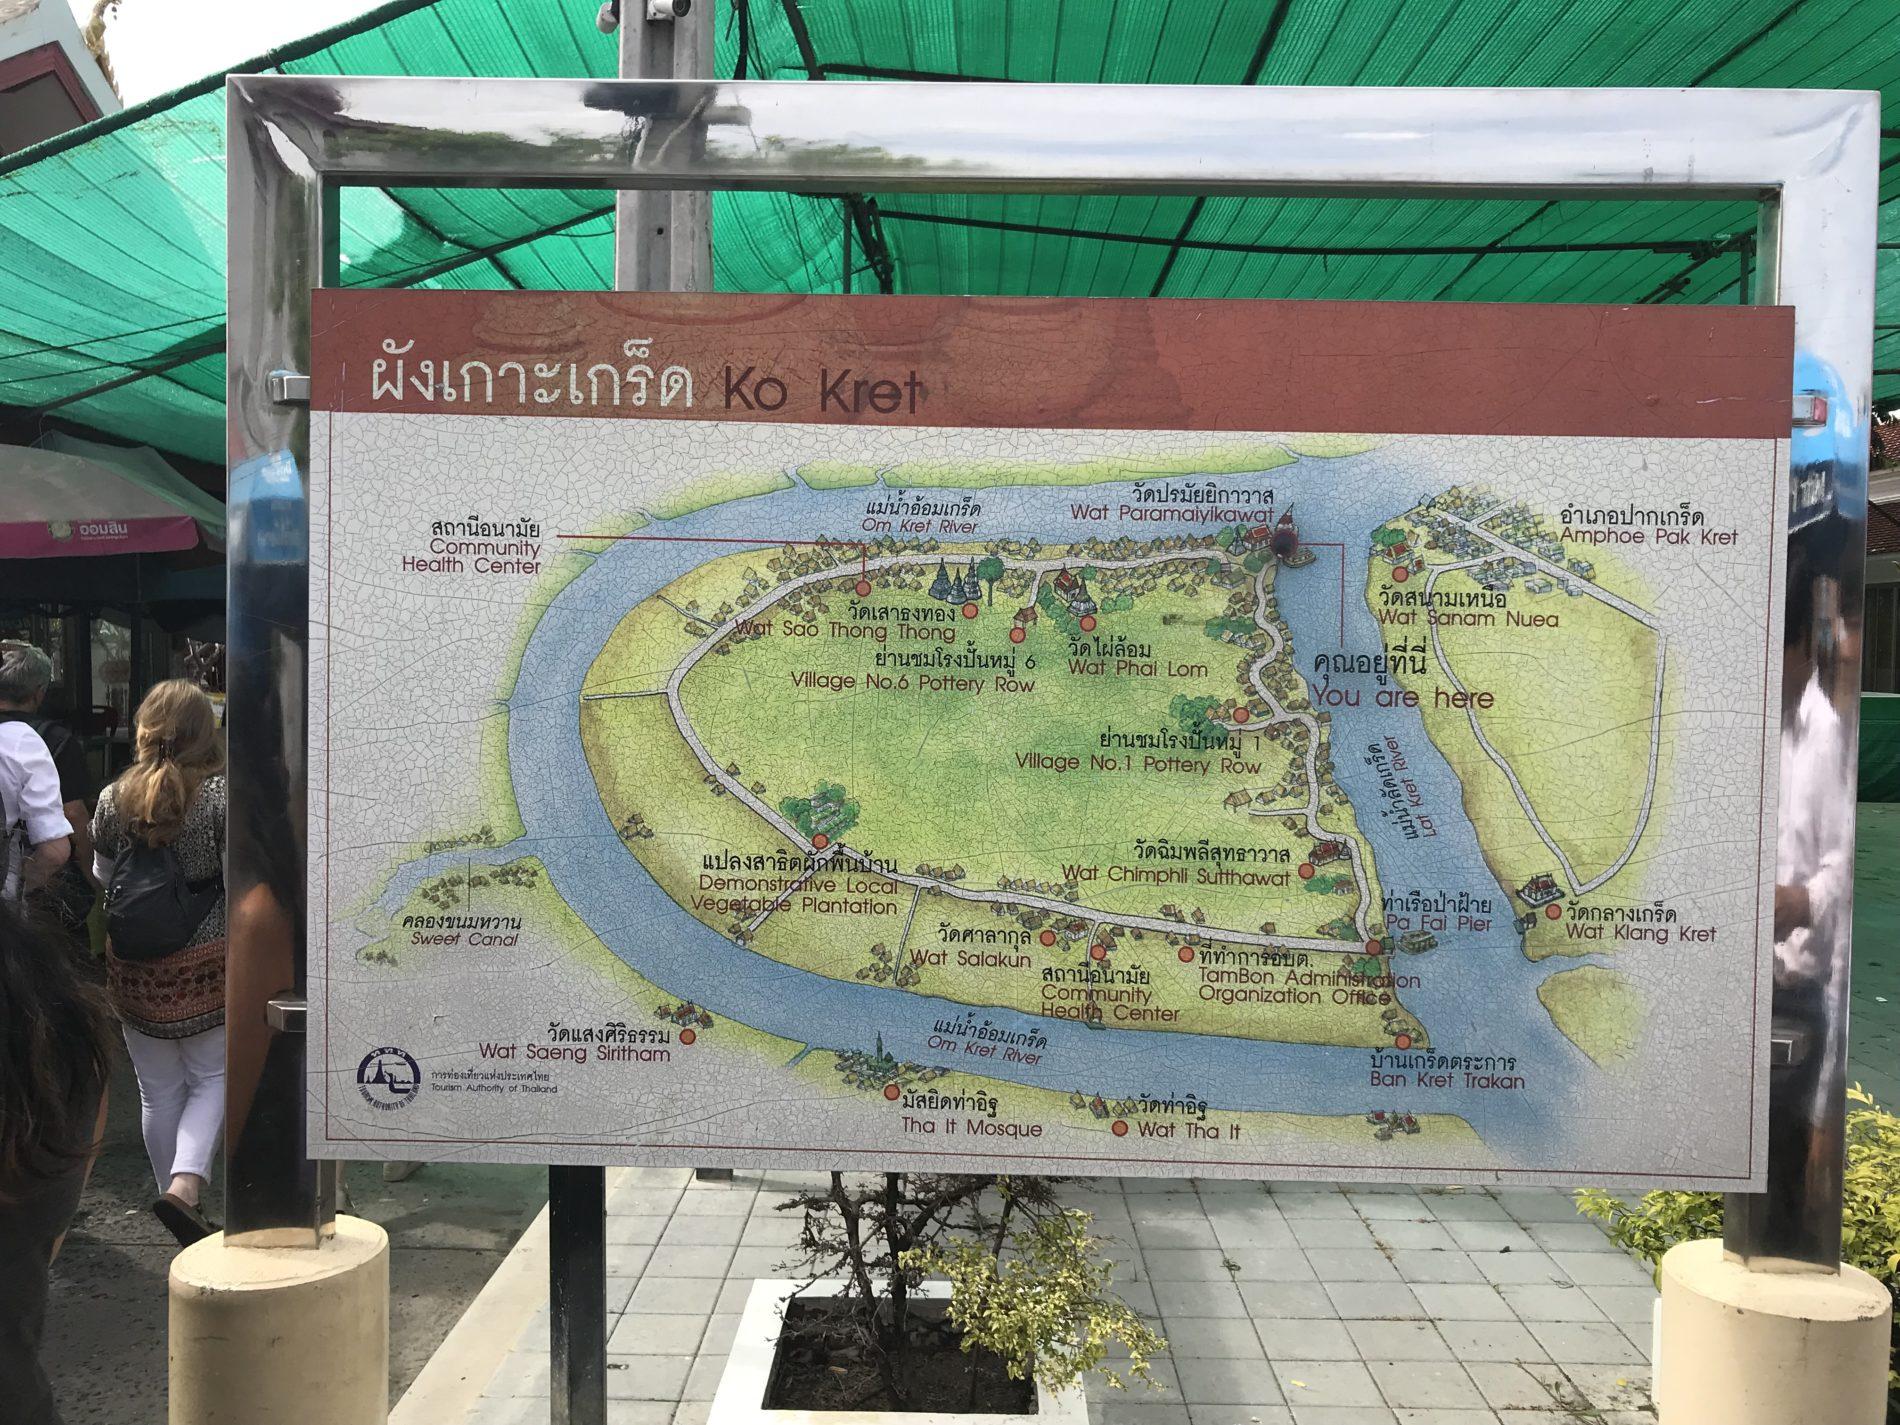 クレット島観光